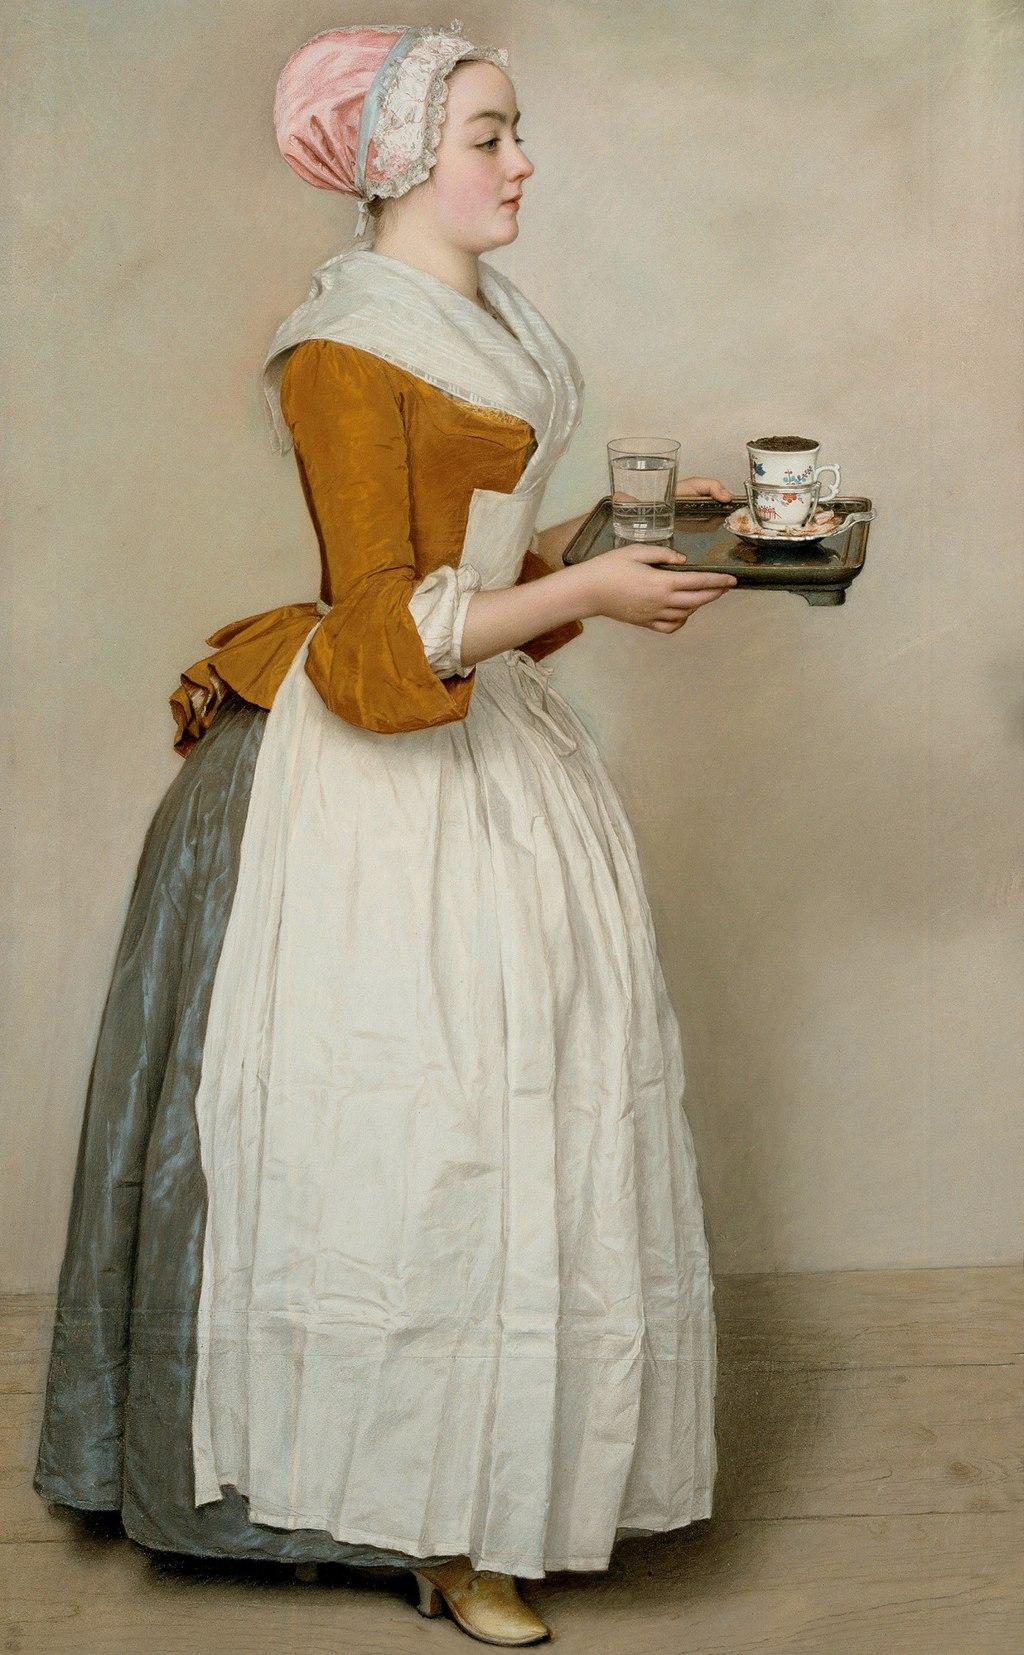 Jean-Etienne Liotard - Das Schokoladenmädchen (ca. 1744)